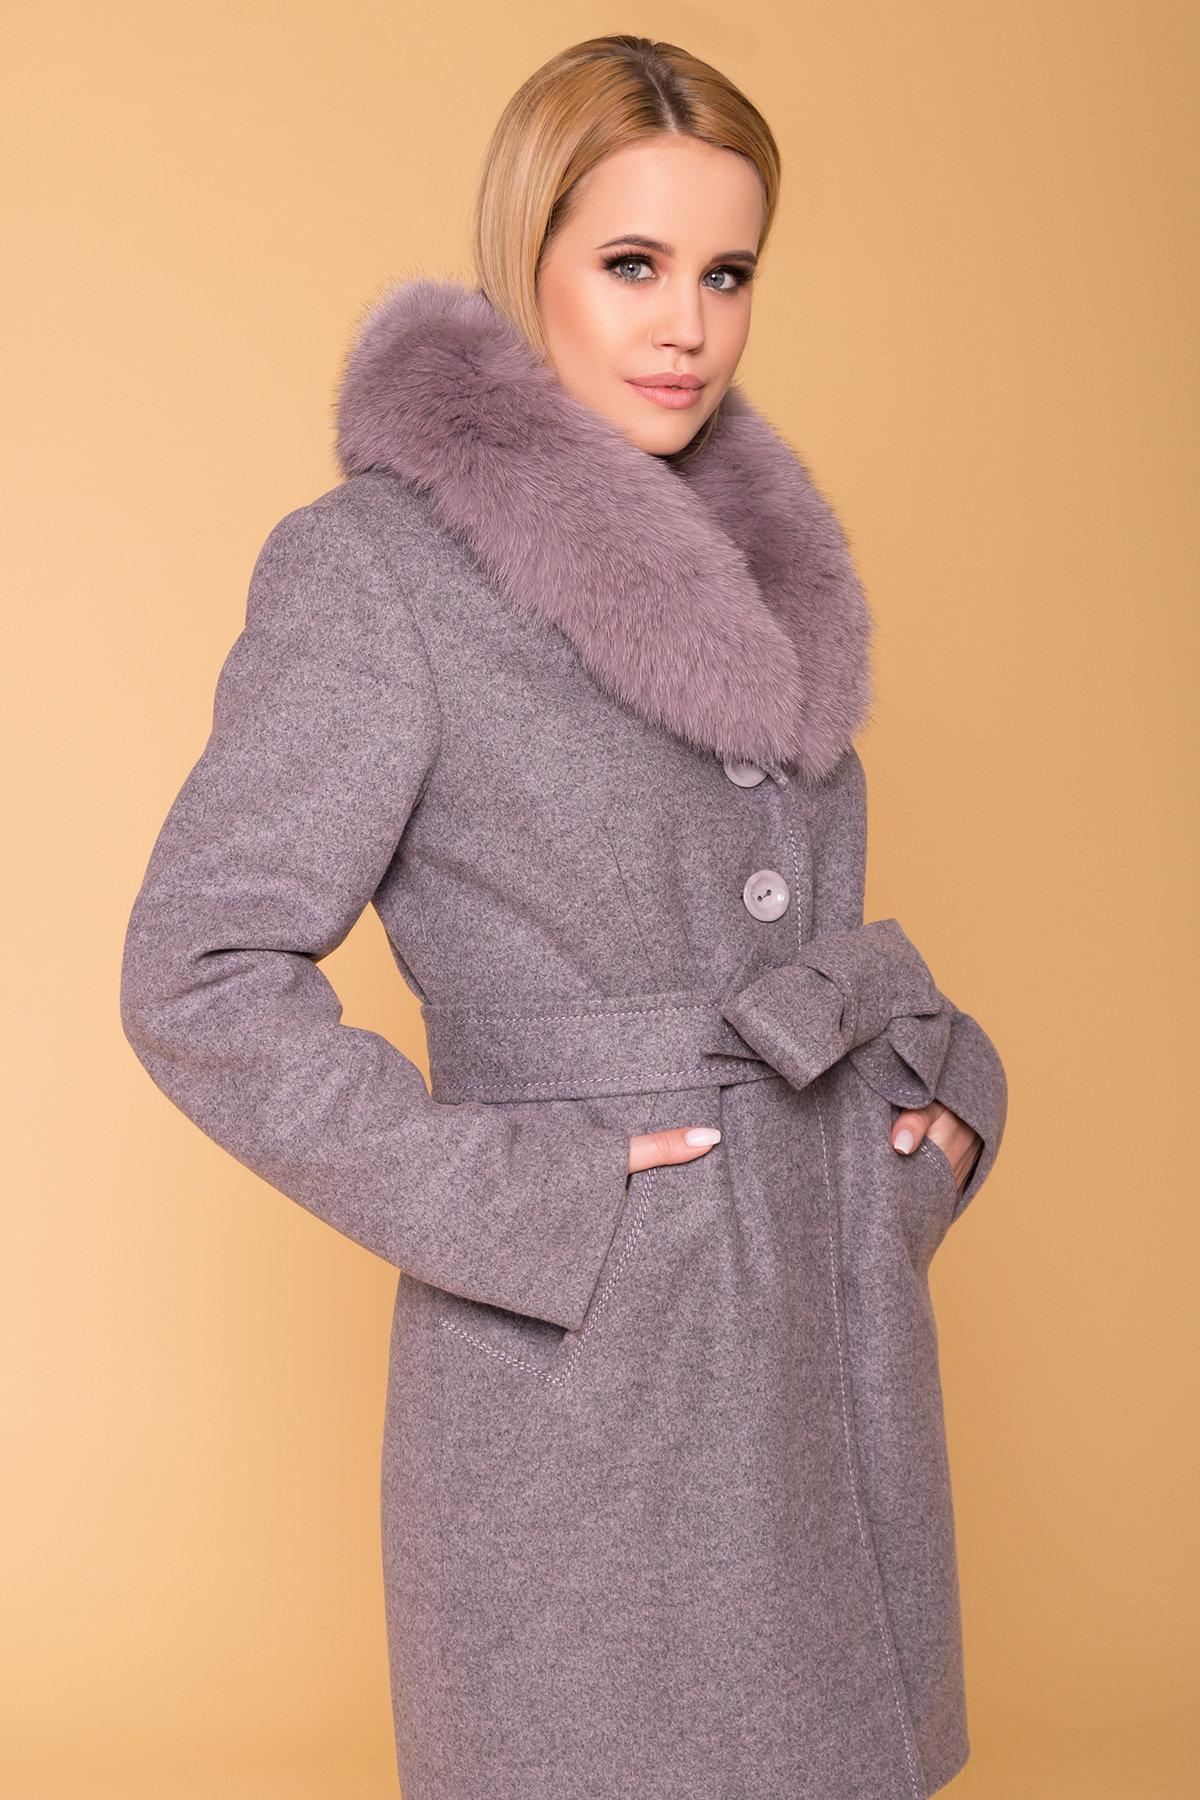 Пальто зима Камила 5611 АРТ. 40711 Цвет: Серо-розовый 19 - фото 5, интернет магазин tm-modus.ru